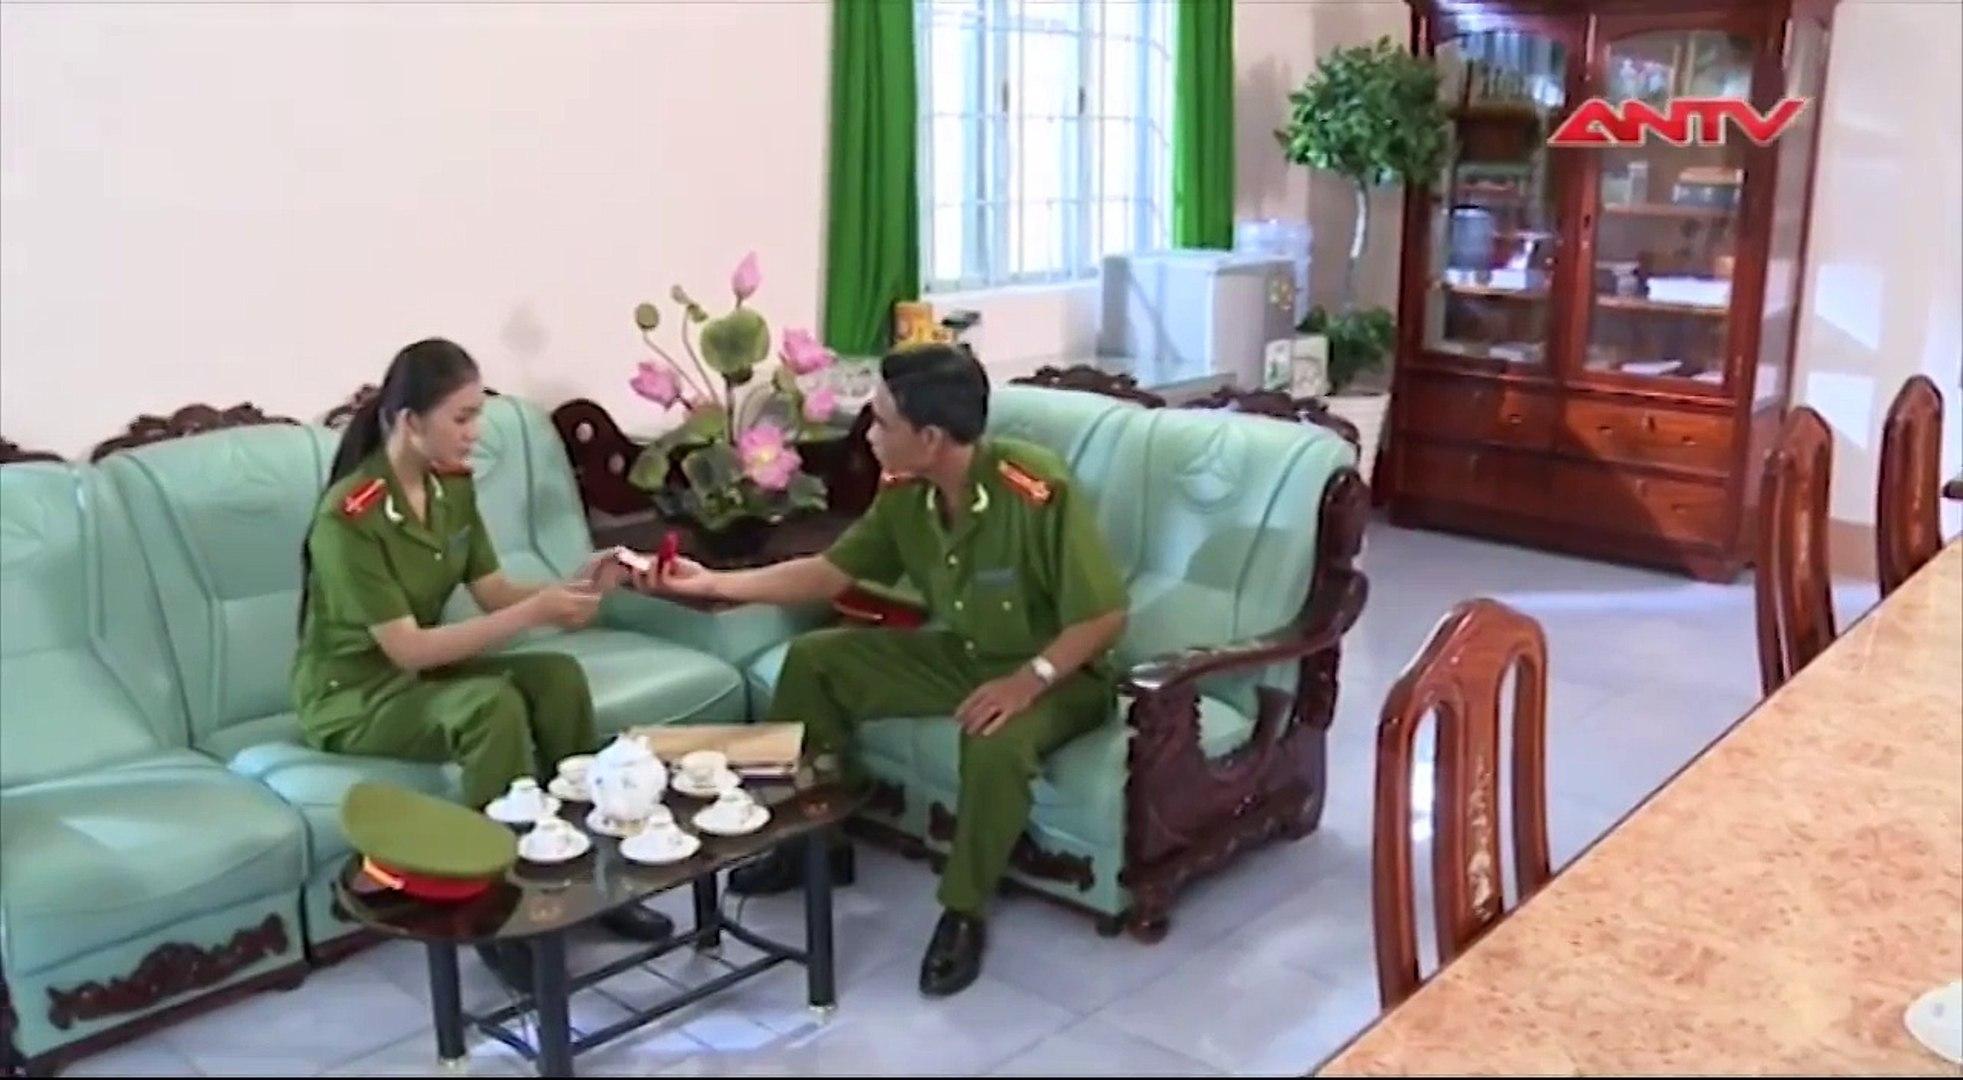 CON GÁI ÔNG TRÙM TẬP 13 - Phim BOM TẤN độc quyền trên ANTV